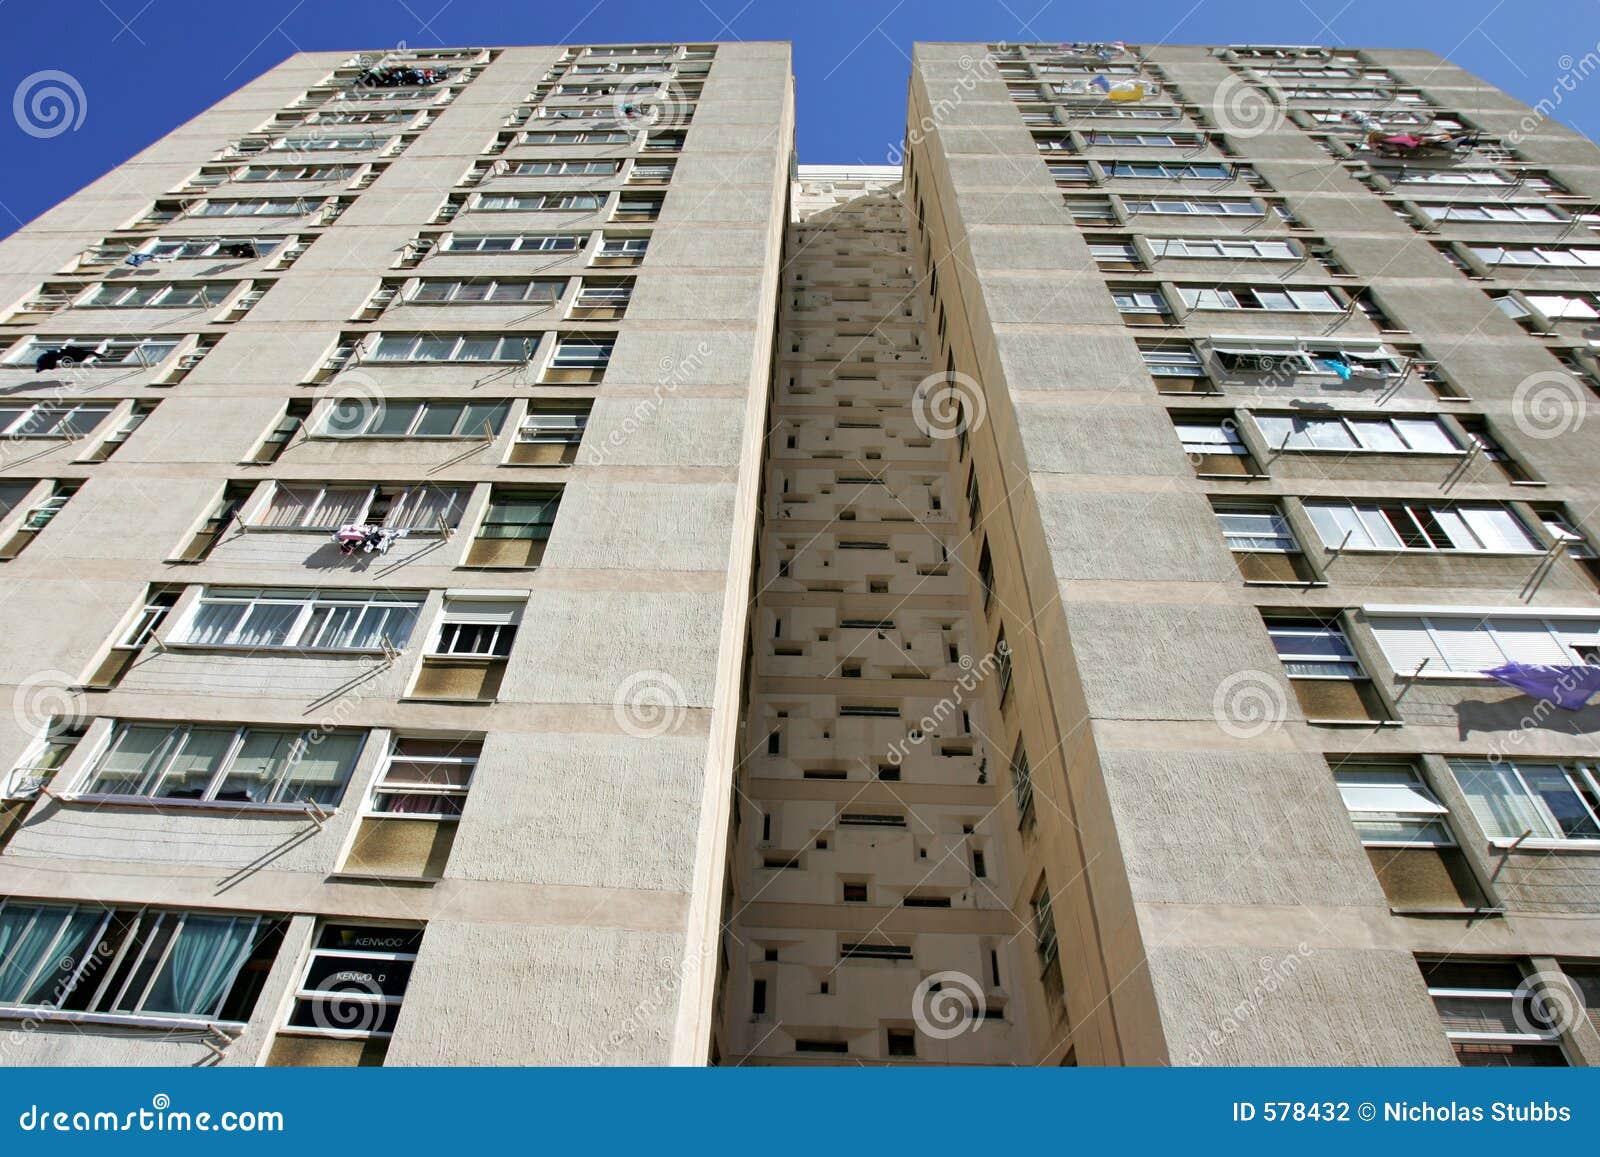 линии подъем абстрактного жилого квартала сходясь высокие высокорослый